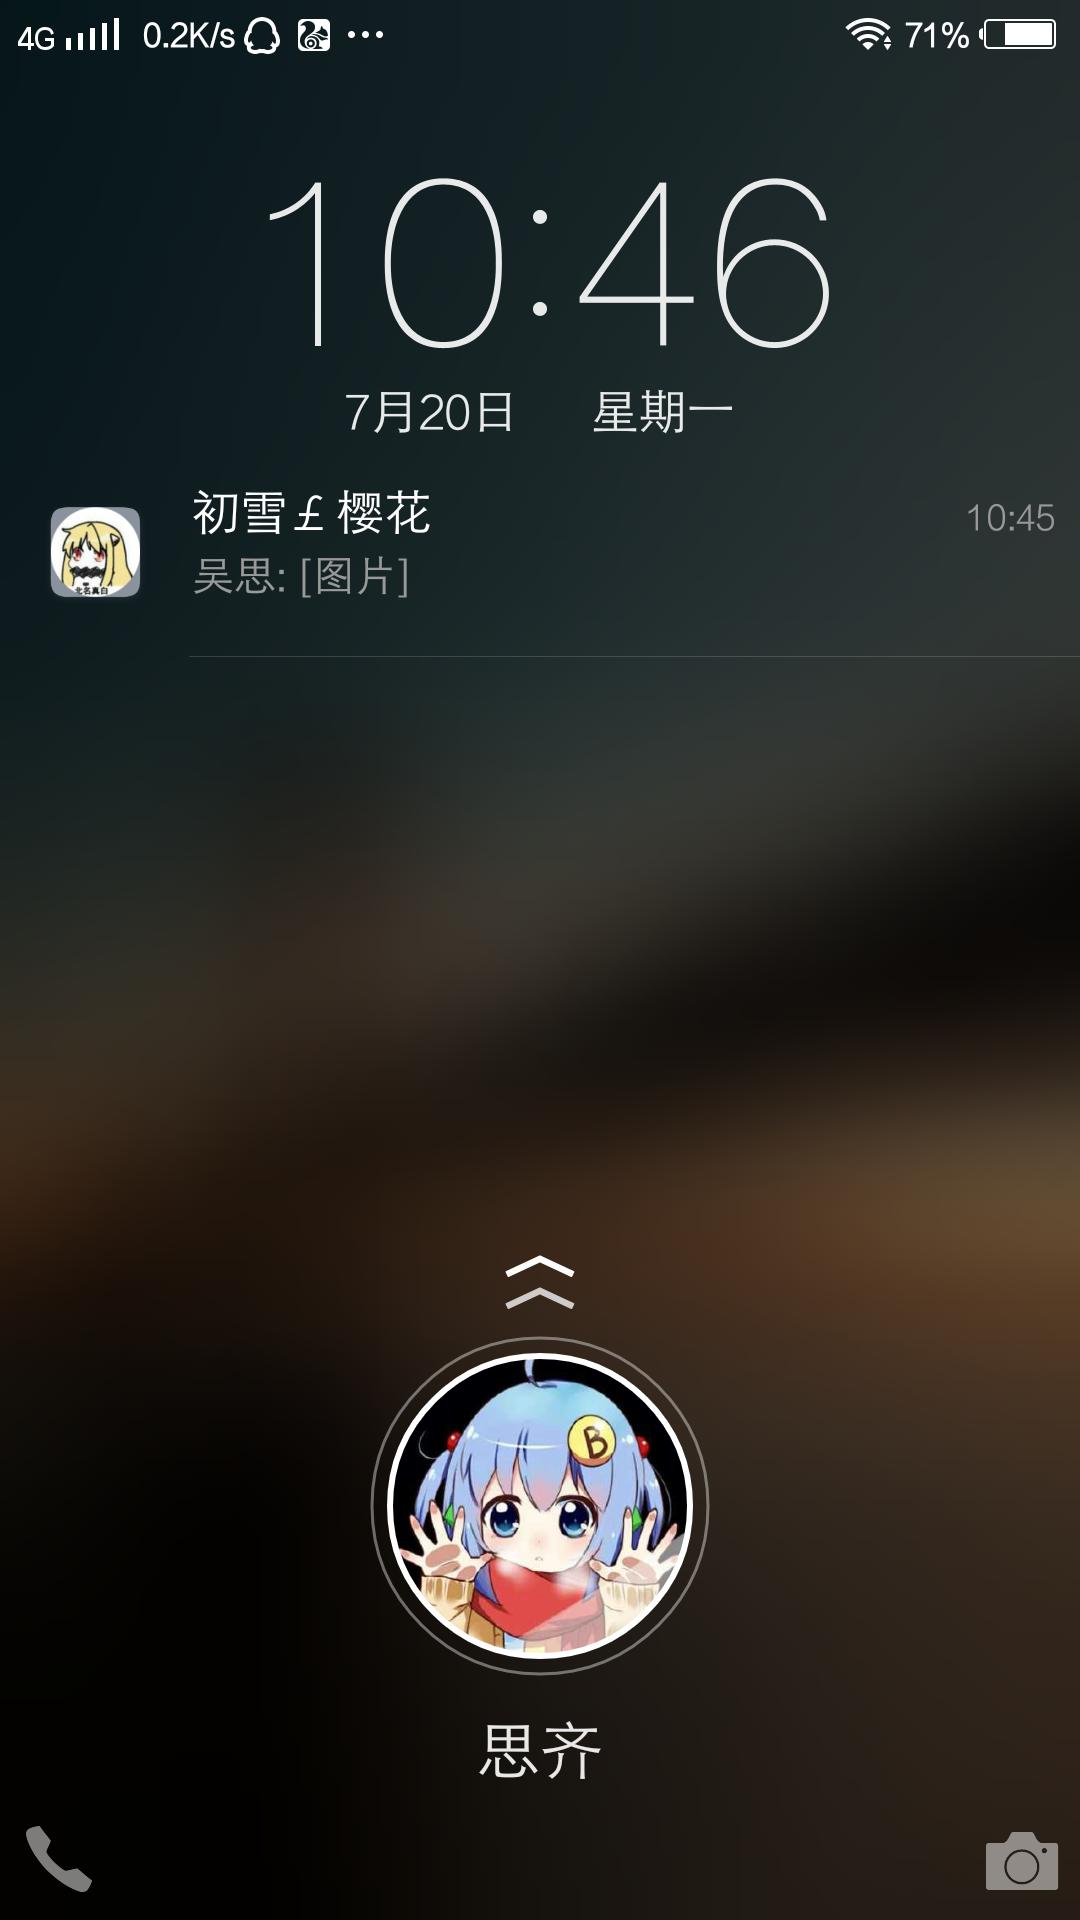 vivox5prod,锁屏界面上的昵称,头像改过一次以后,就不图片